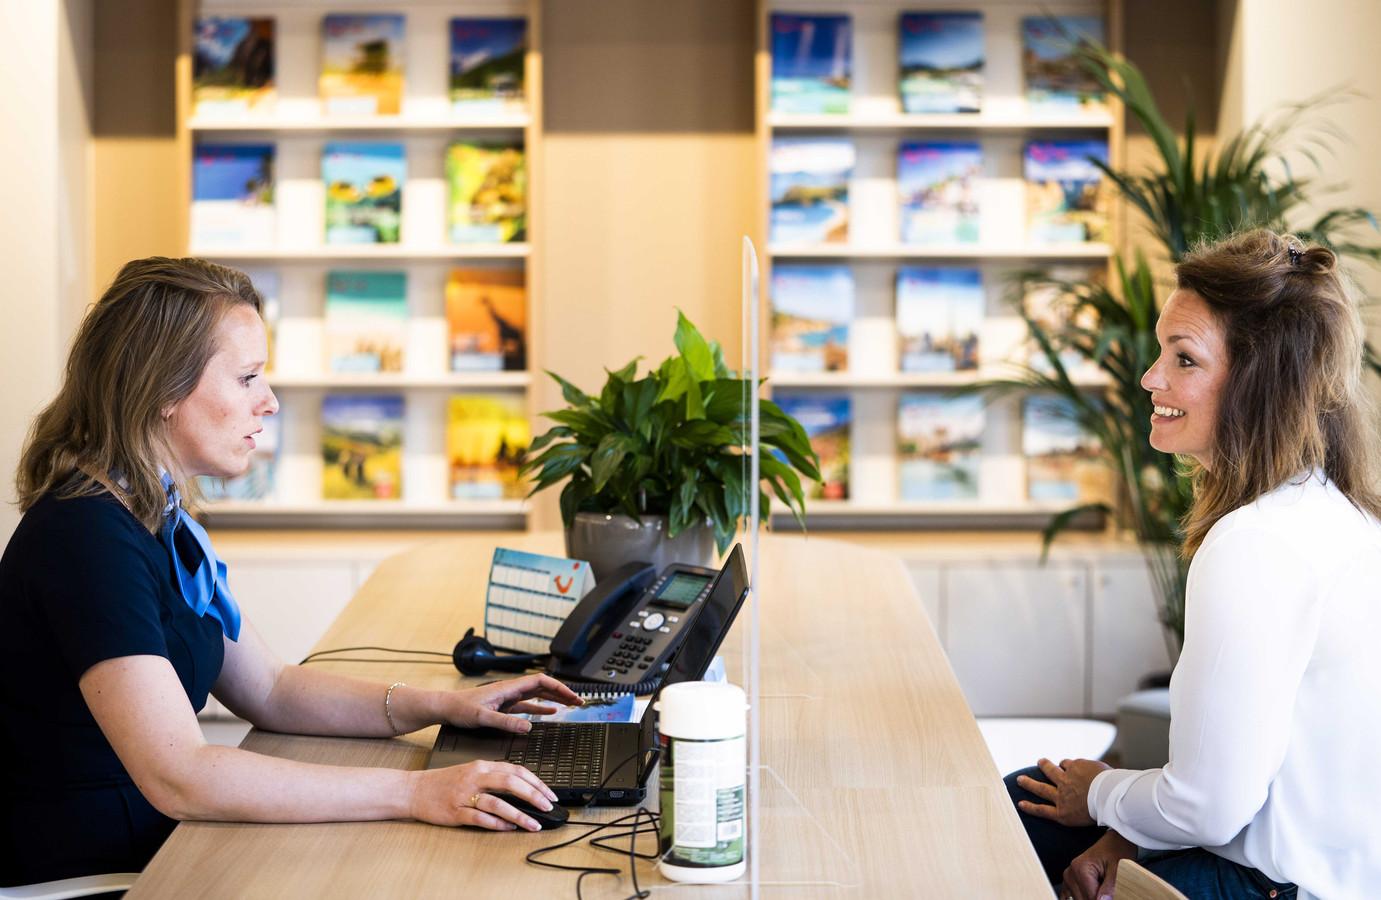 TUI opende begin deze maand weer een aantal reisbureau's. Alle winkels van de reisorganisatie gingen in maart dicht vanwege het coronavirus.